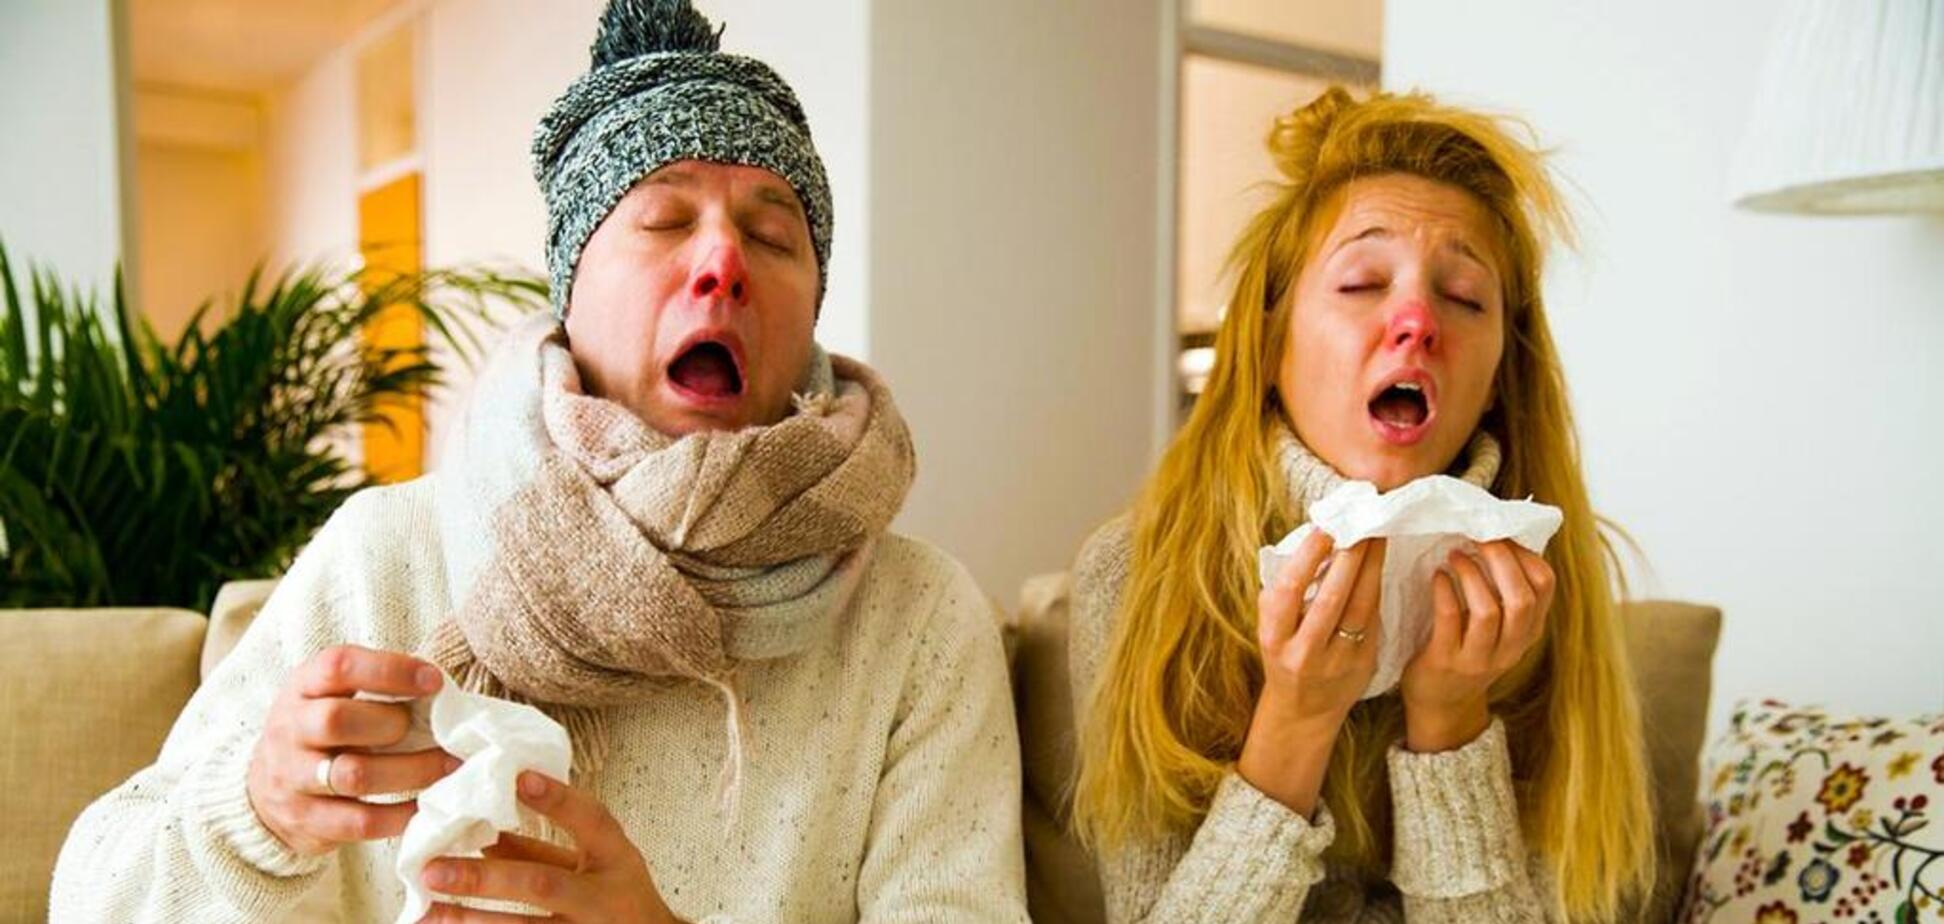 Самые 'живучие' мифы о гриппе: назван топ популярних заблуждений